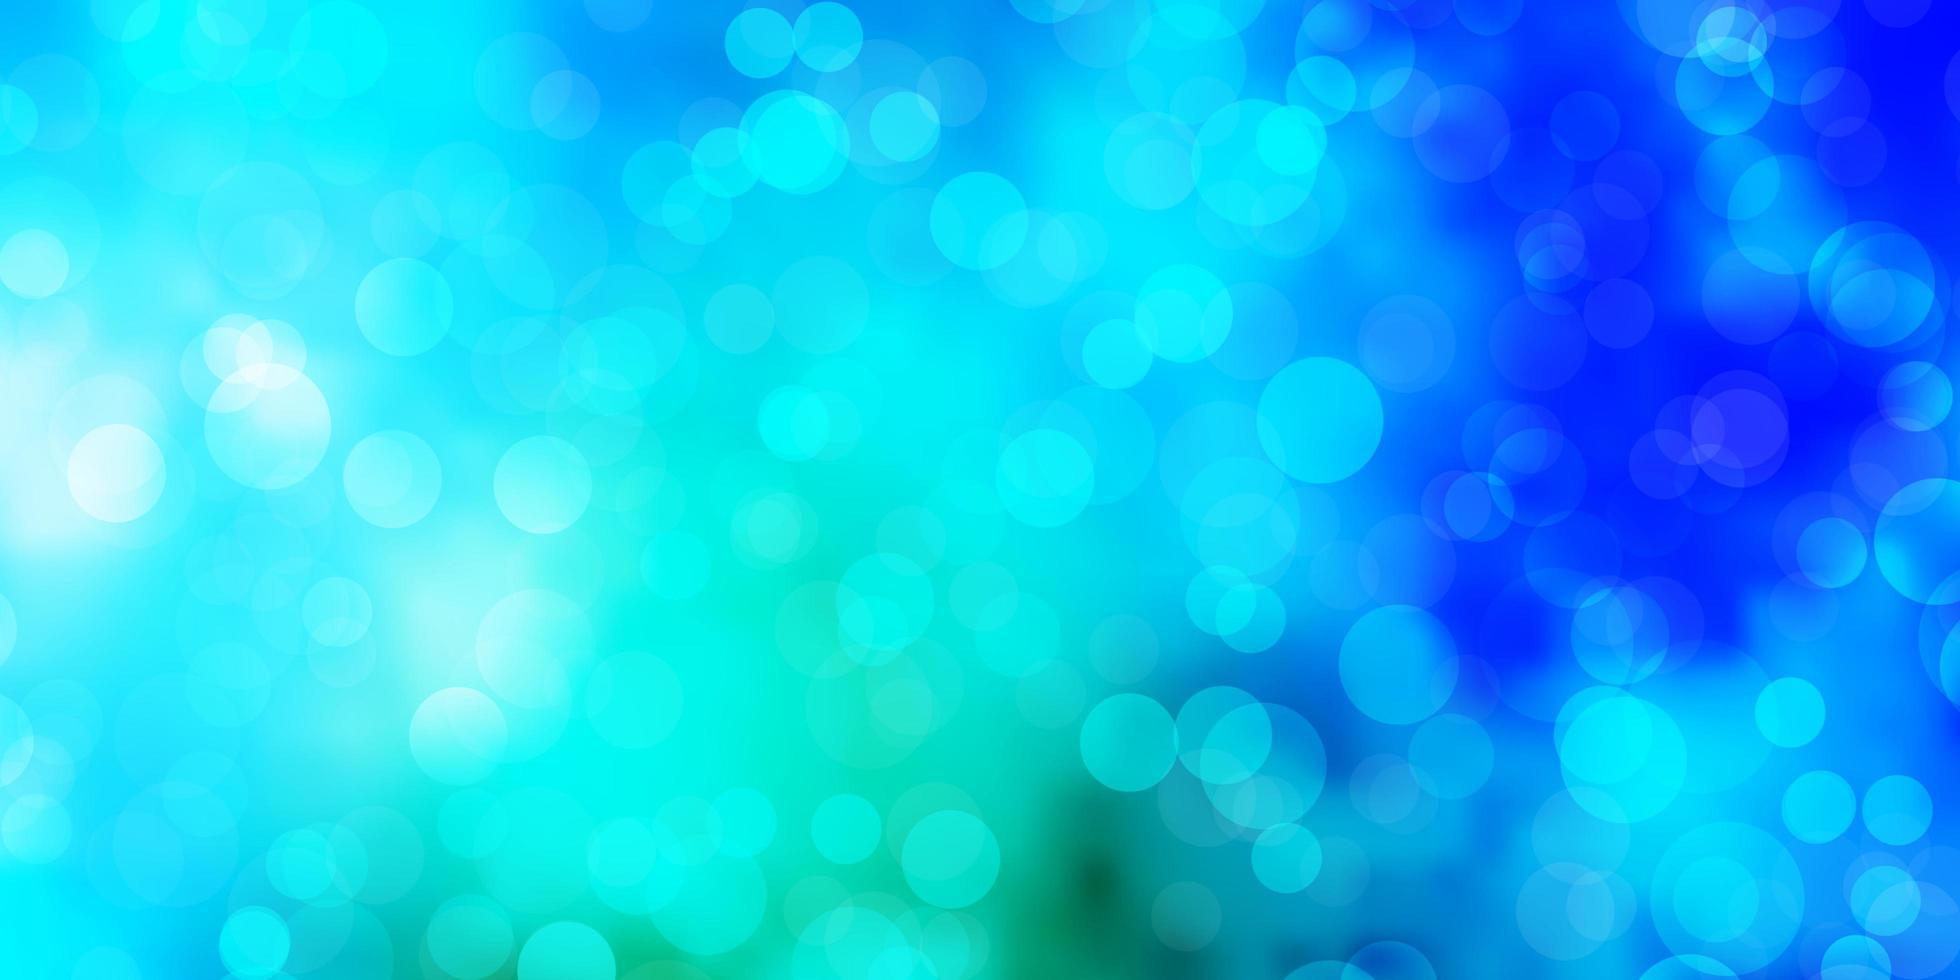 layout de vetor azul e verde claro com círculos.